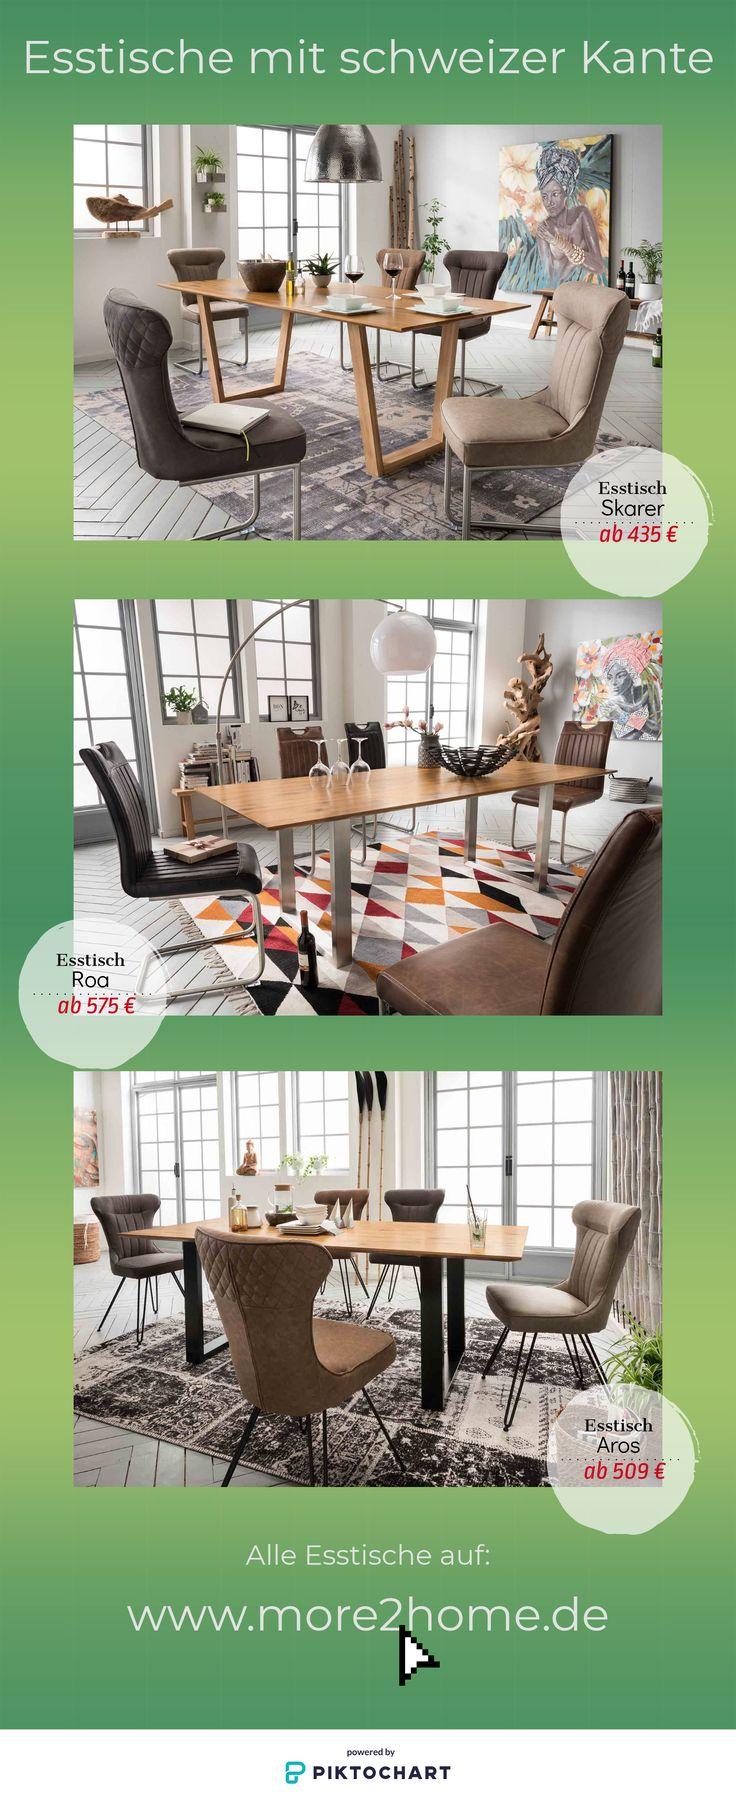 35 besten einrichtungstipps bilder auf pinterest deko und m bel kaufen. Black Bedroom Furniture Sets. Home Design Ideas